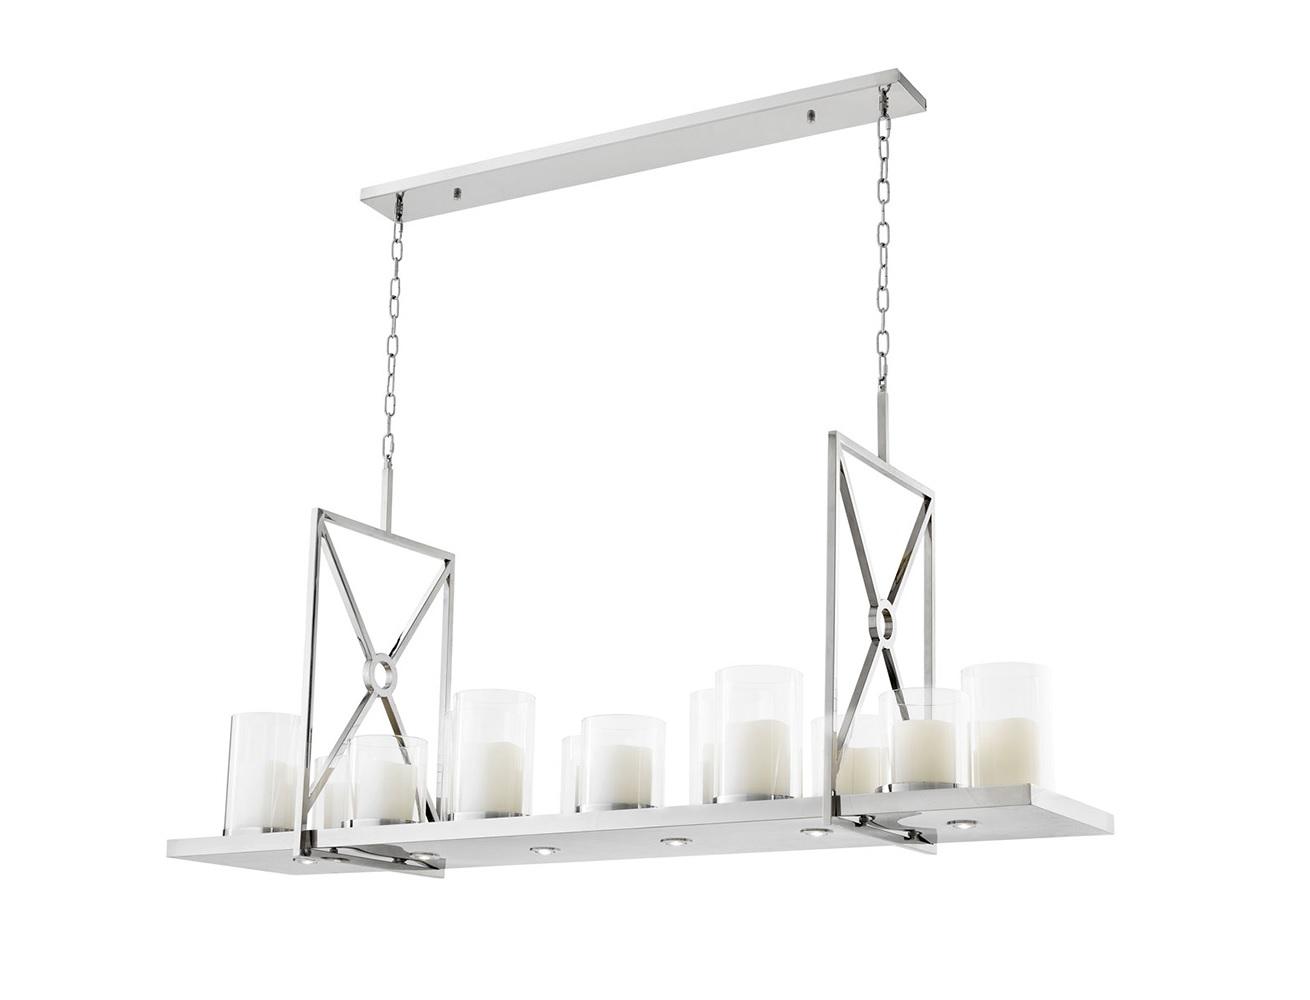 Подвесной светильник Chandelier SummitПодвесные светильники<br>Подвесной светильник Chandelier Summit из полированной нержавеющей стали. Плафон с оригинальным дизайном в виде пластины, на которой расположены декоративные свечи со светодиодами. Свечи в стаканах из прозрачного стекла. В комплекте пульт управления.&amp;lt;div&amp;gt;&amp;lt;br&amp;gt;&amp;lt;/div&amp;gt;&amp;lt;div&amp;gt;&amp;lt;div&amp;gt;Вид цоколя: LED&amp;lt;/div&amp;gt;&amp;lt;div&amp;gt;Мощность лампы: 5W&amp;lt;/div&amp;gt;&amp;lt;div&amp;gt;Количество ламп: 12&amp;lt;/div&amp;gt;&amp;lt;/div&amp;gt;<br><br>Material: Металл<br>Ширина см: 160<br>Высота см: 68<br>Глубина см: 41